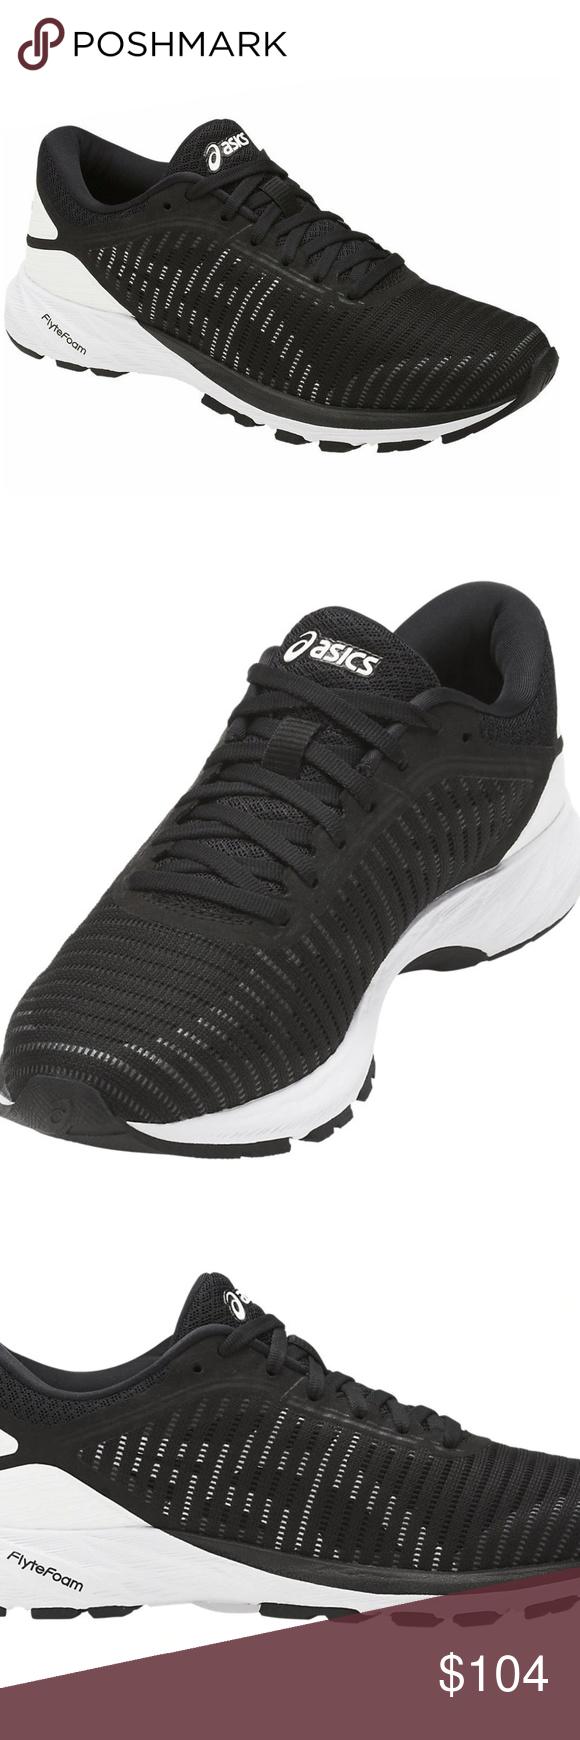 best website 07d07 5f9a0 ASICS Women's DynaFlyte 2 Running Shoes ASICS Women's ...